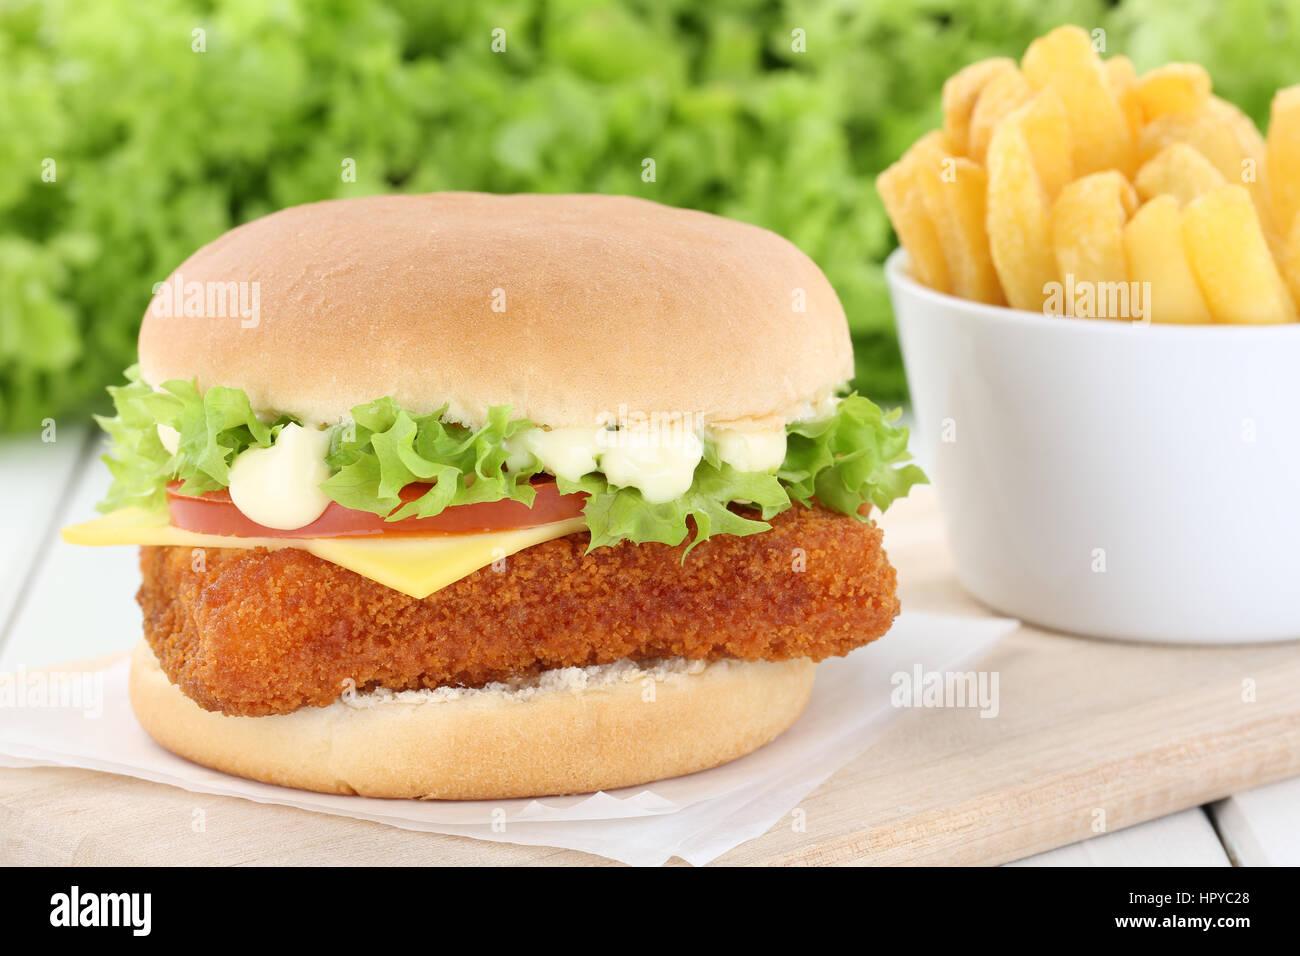 Hamburger di pesce fishburger hamburger con patatine fritte pomodori lattuga insalubre di formaggio Immagini Stock